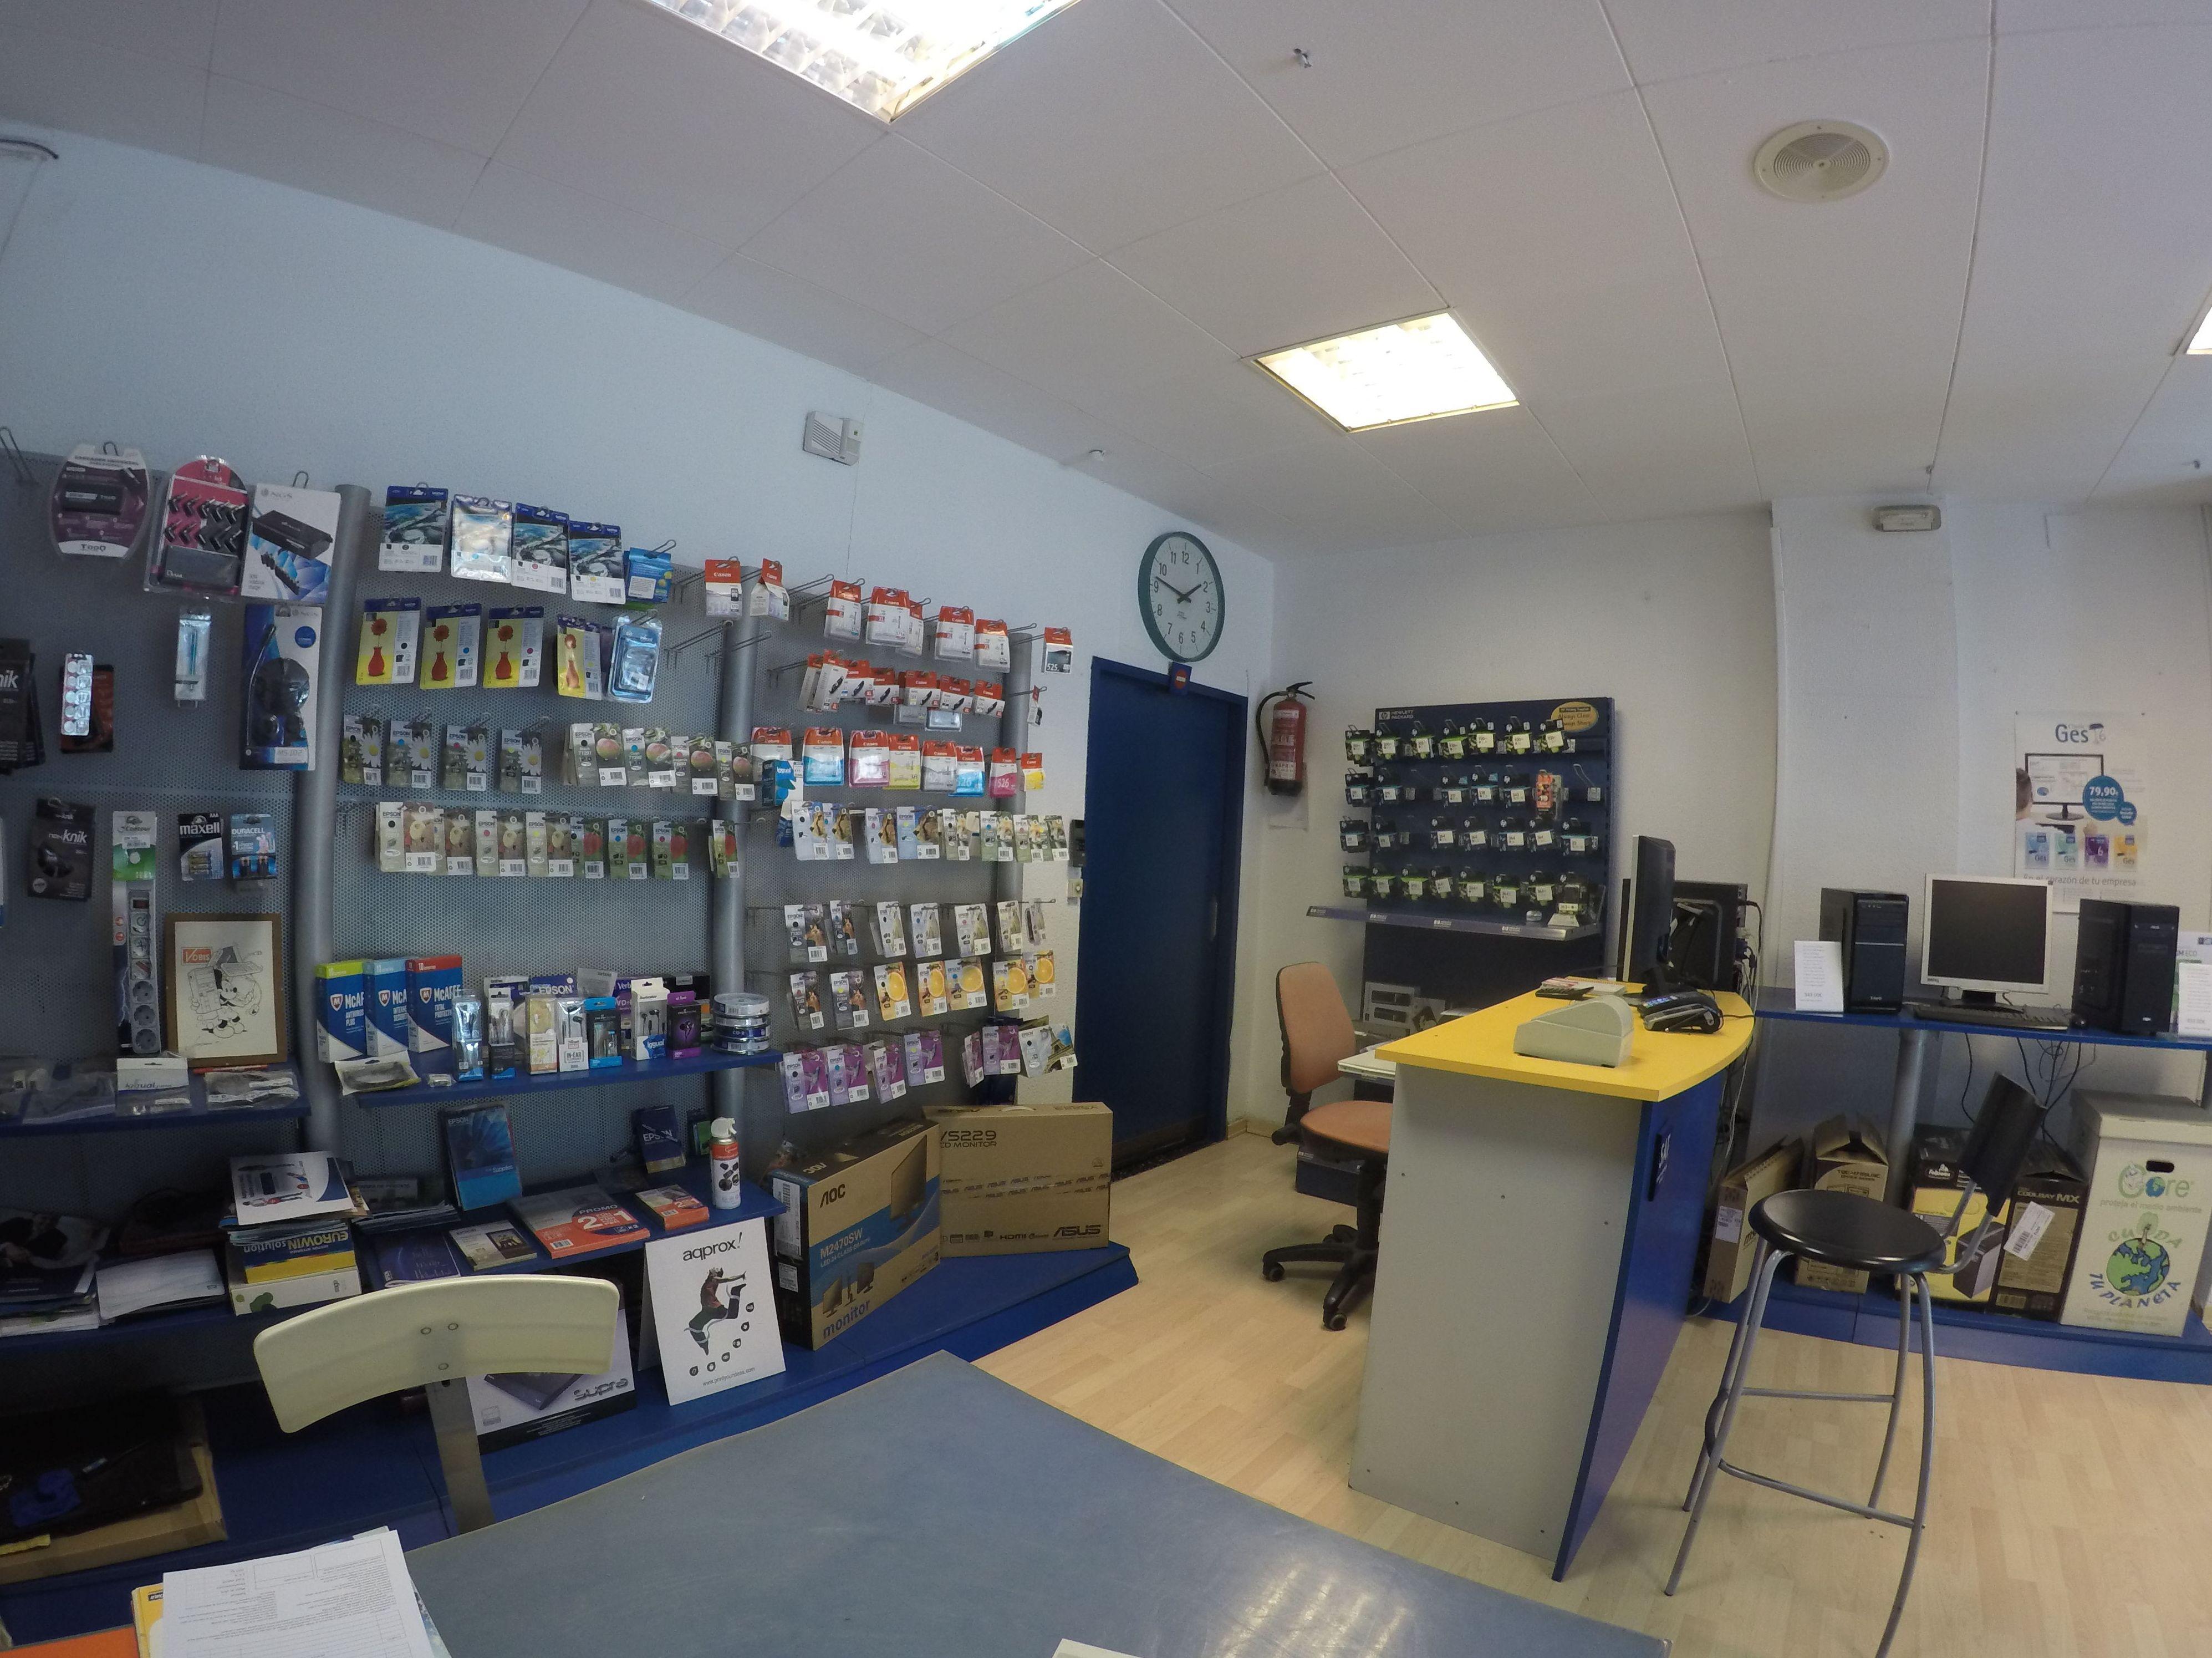 Tienda de informática en Badalona